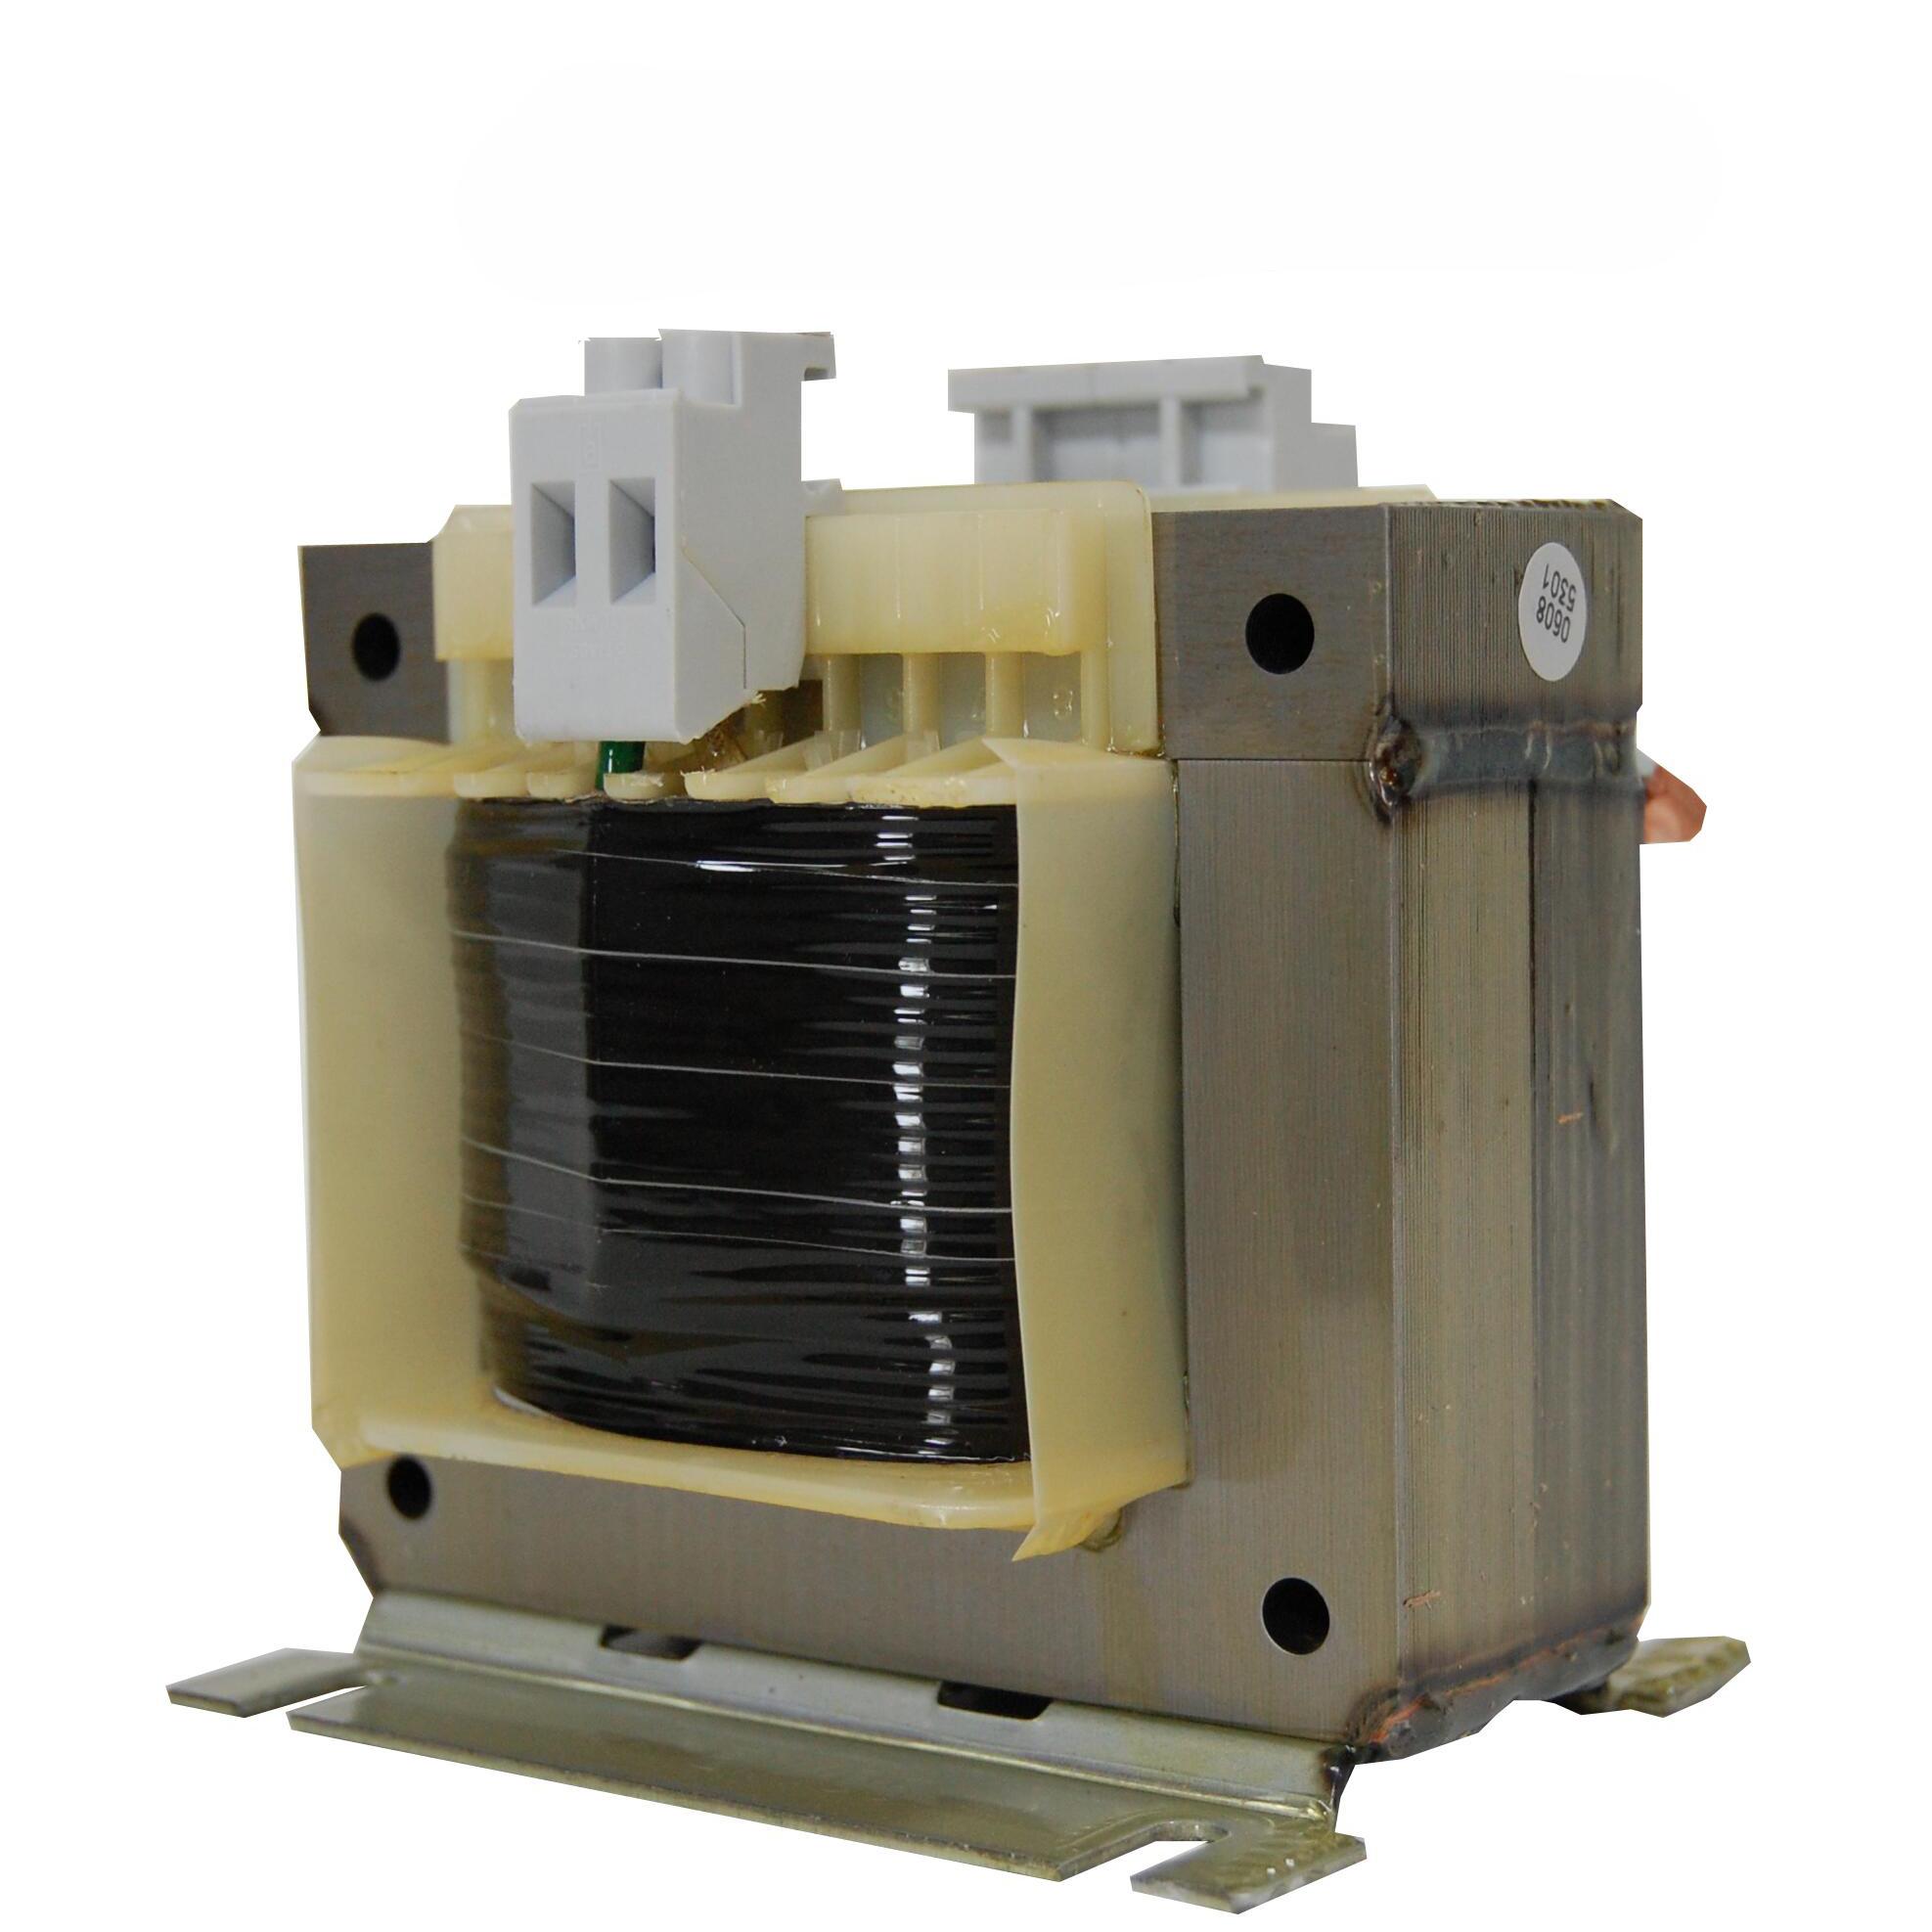 1 Stk Einphasen Steuertransformator 400/24V, 400VA, IP00 LP603040T-